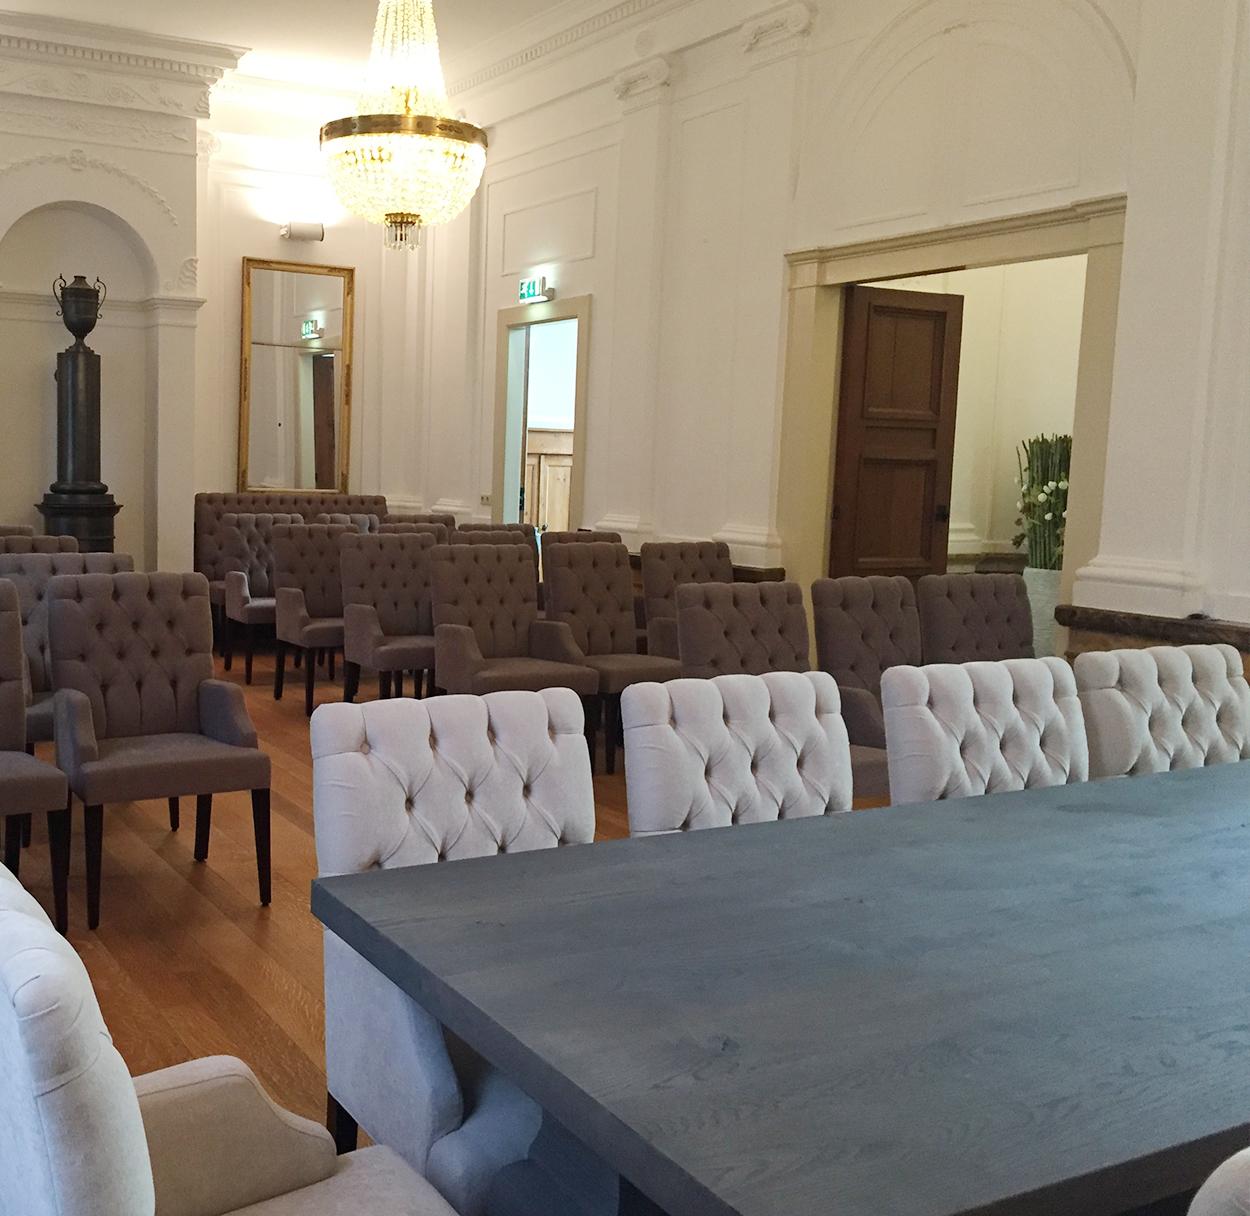 Trouwlocatie het Oude Raadhuis - MiddelharnisTrouwlocatie het Oude Raadhuis - Middelharnis